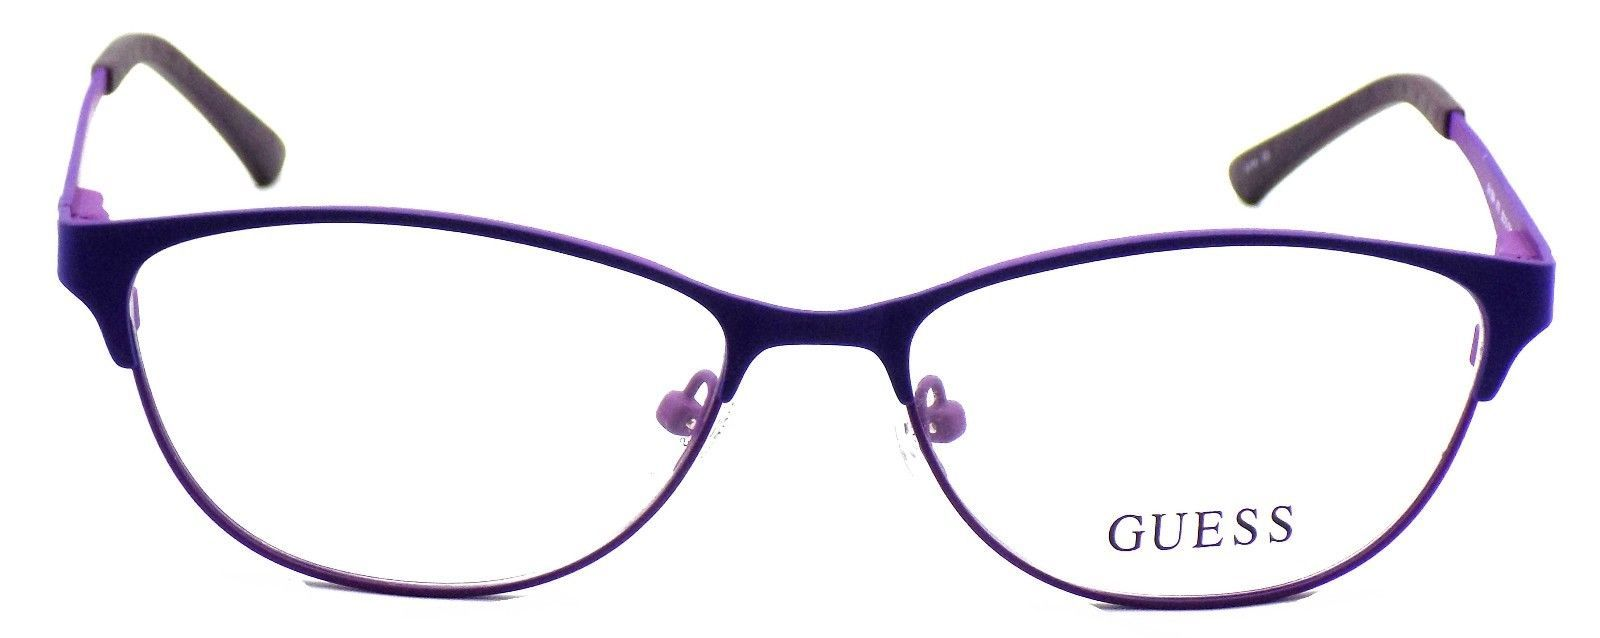 GUESS GU2504 079 Women's Eyeglasses Frames 53-15-135 Matte Lilac  + CASE